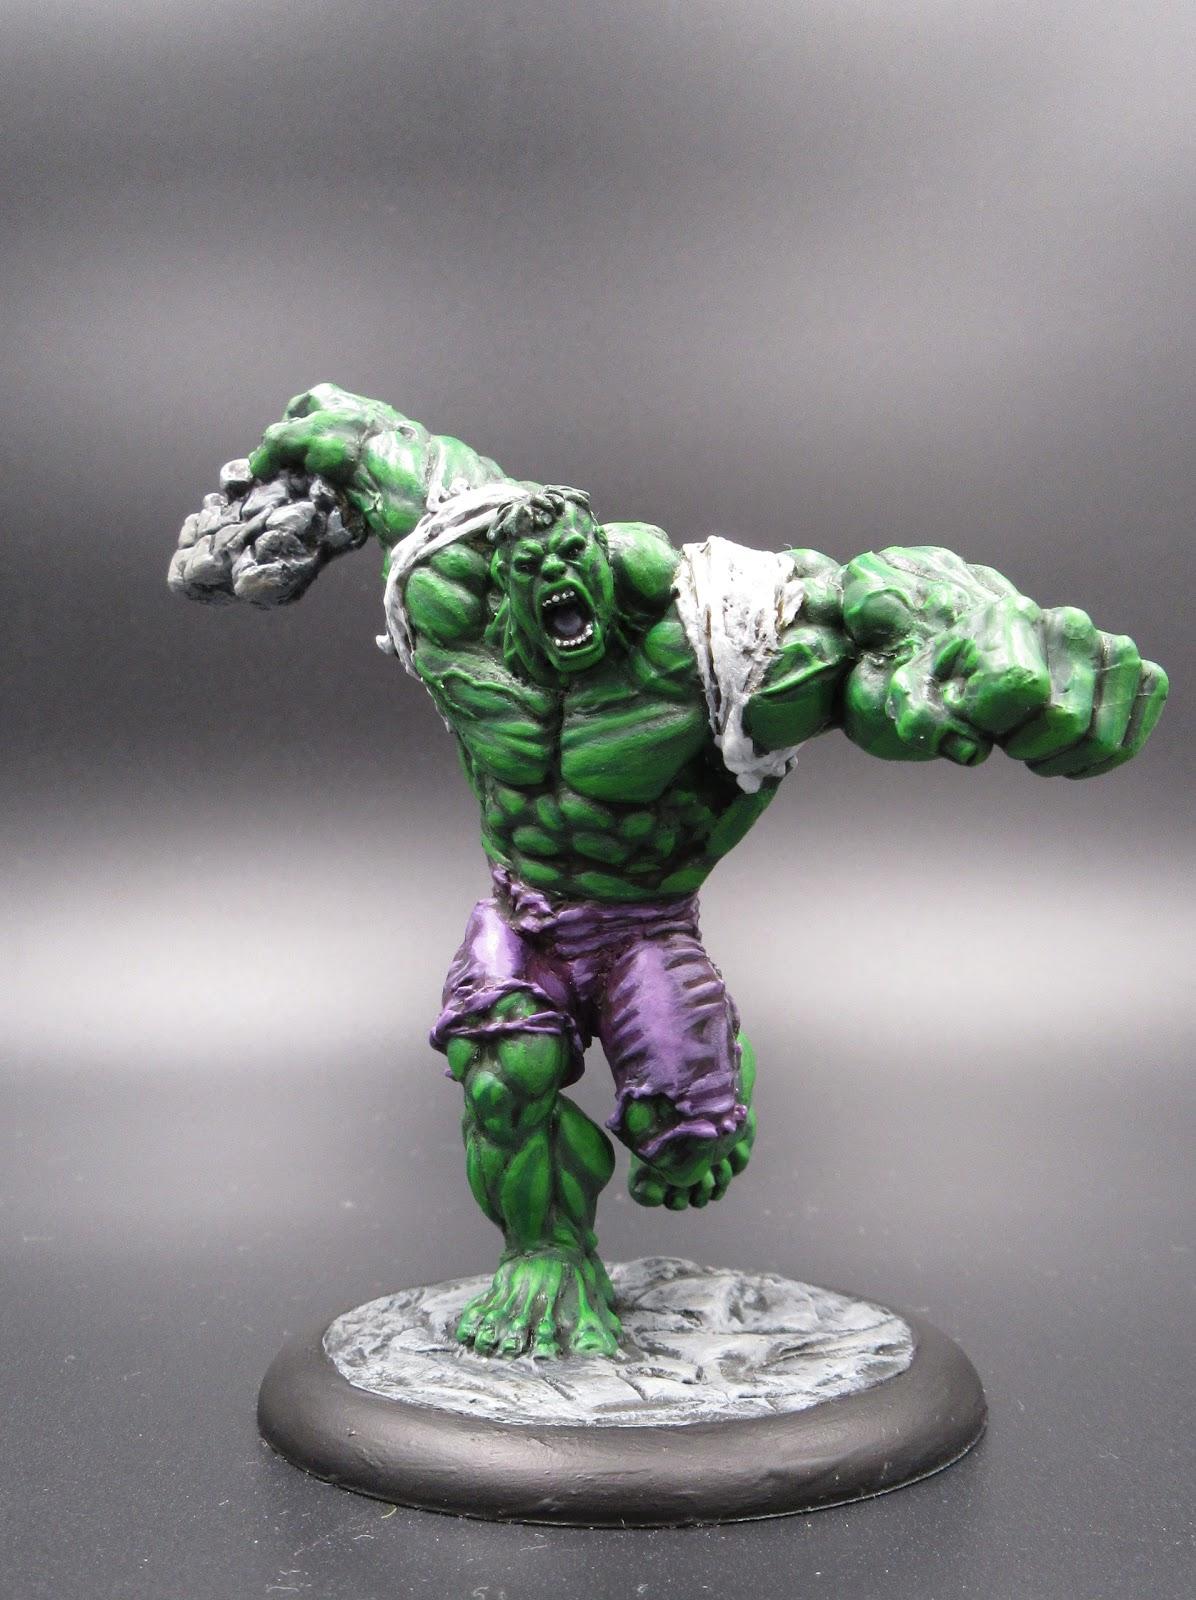 El Sobaco de Batman: ¡Hulk aplasta!